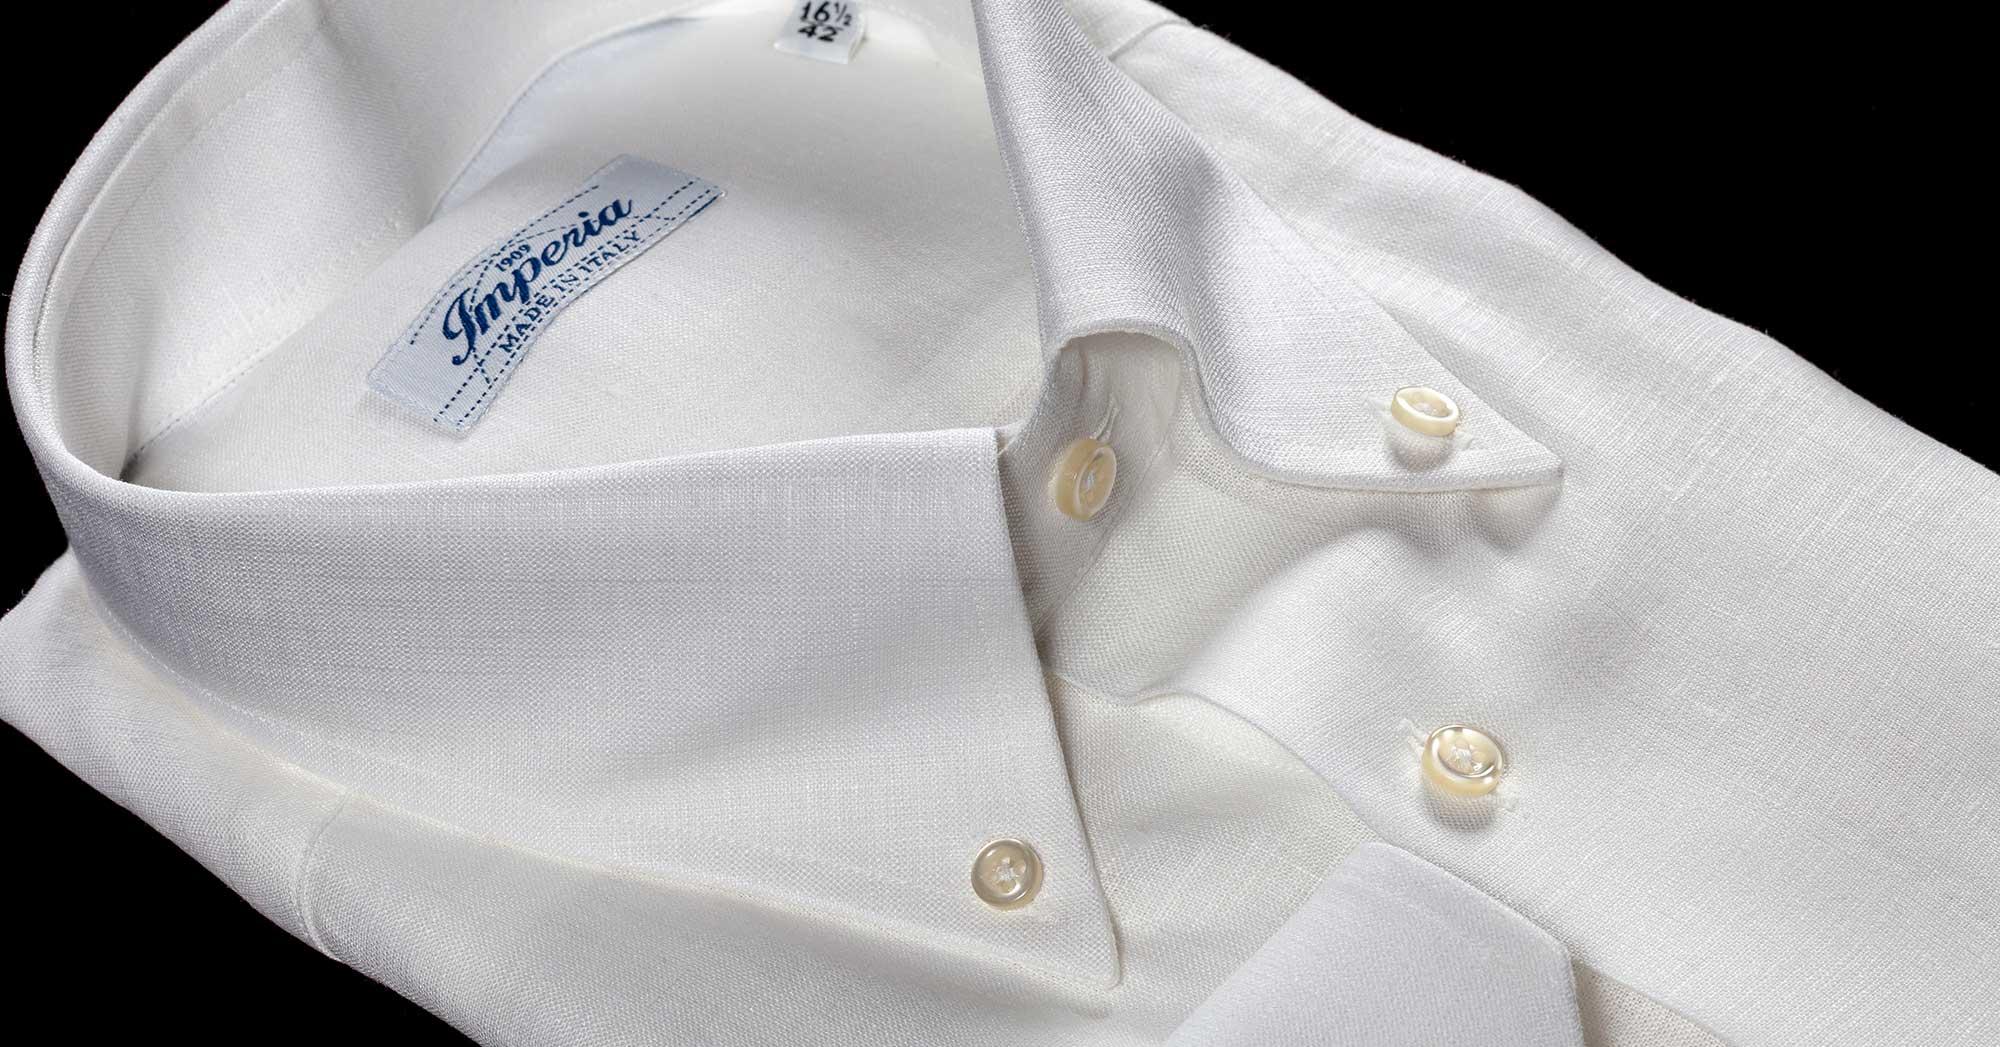 Camicia da uomo in puro lino della Camiceria Smeralda di Camerano Ancona